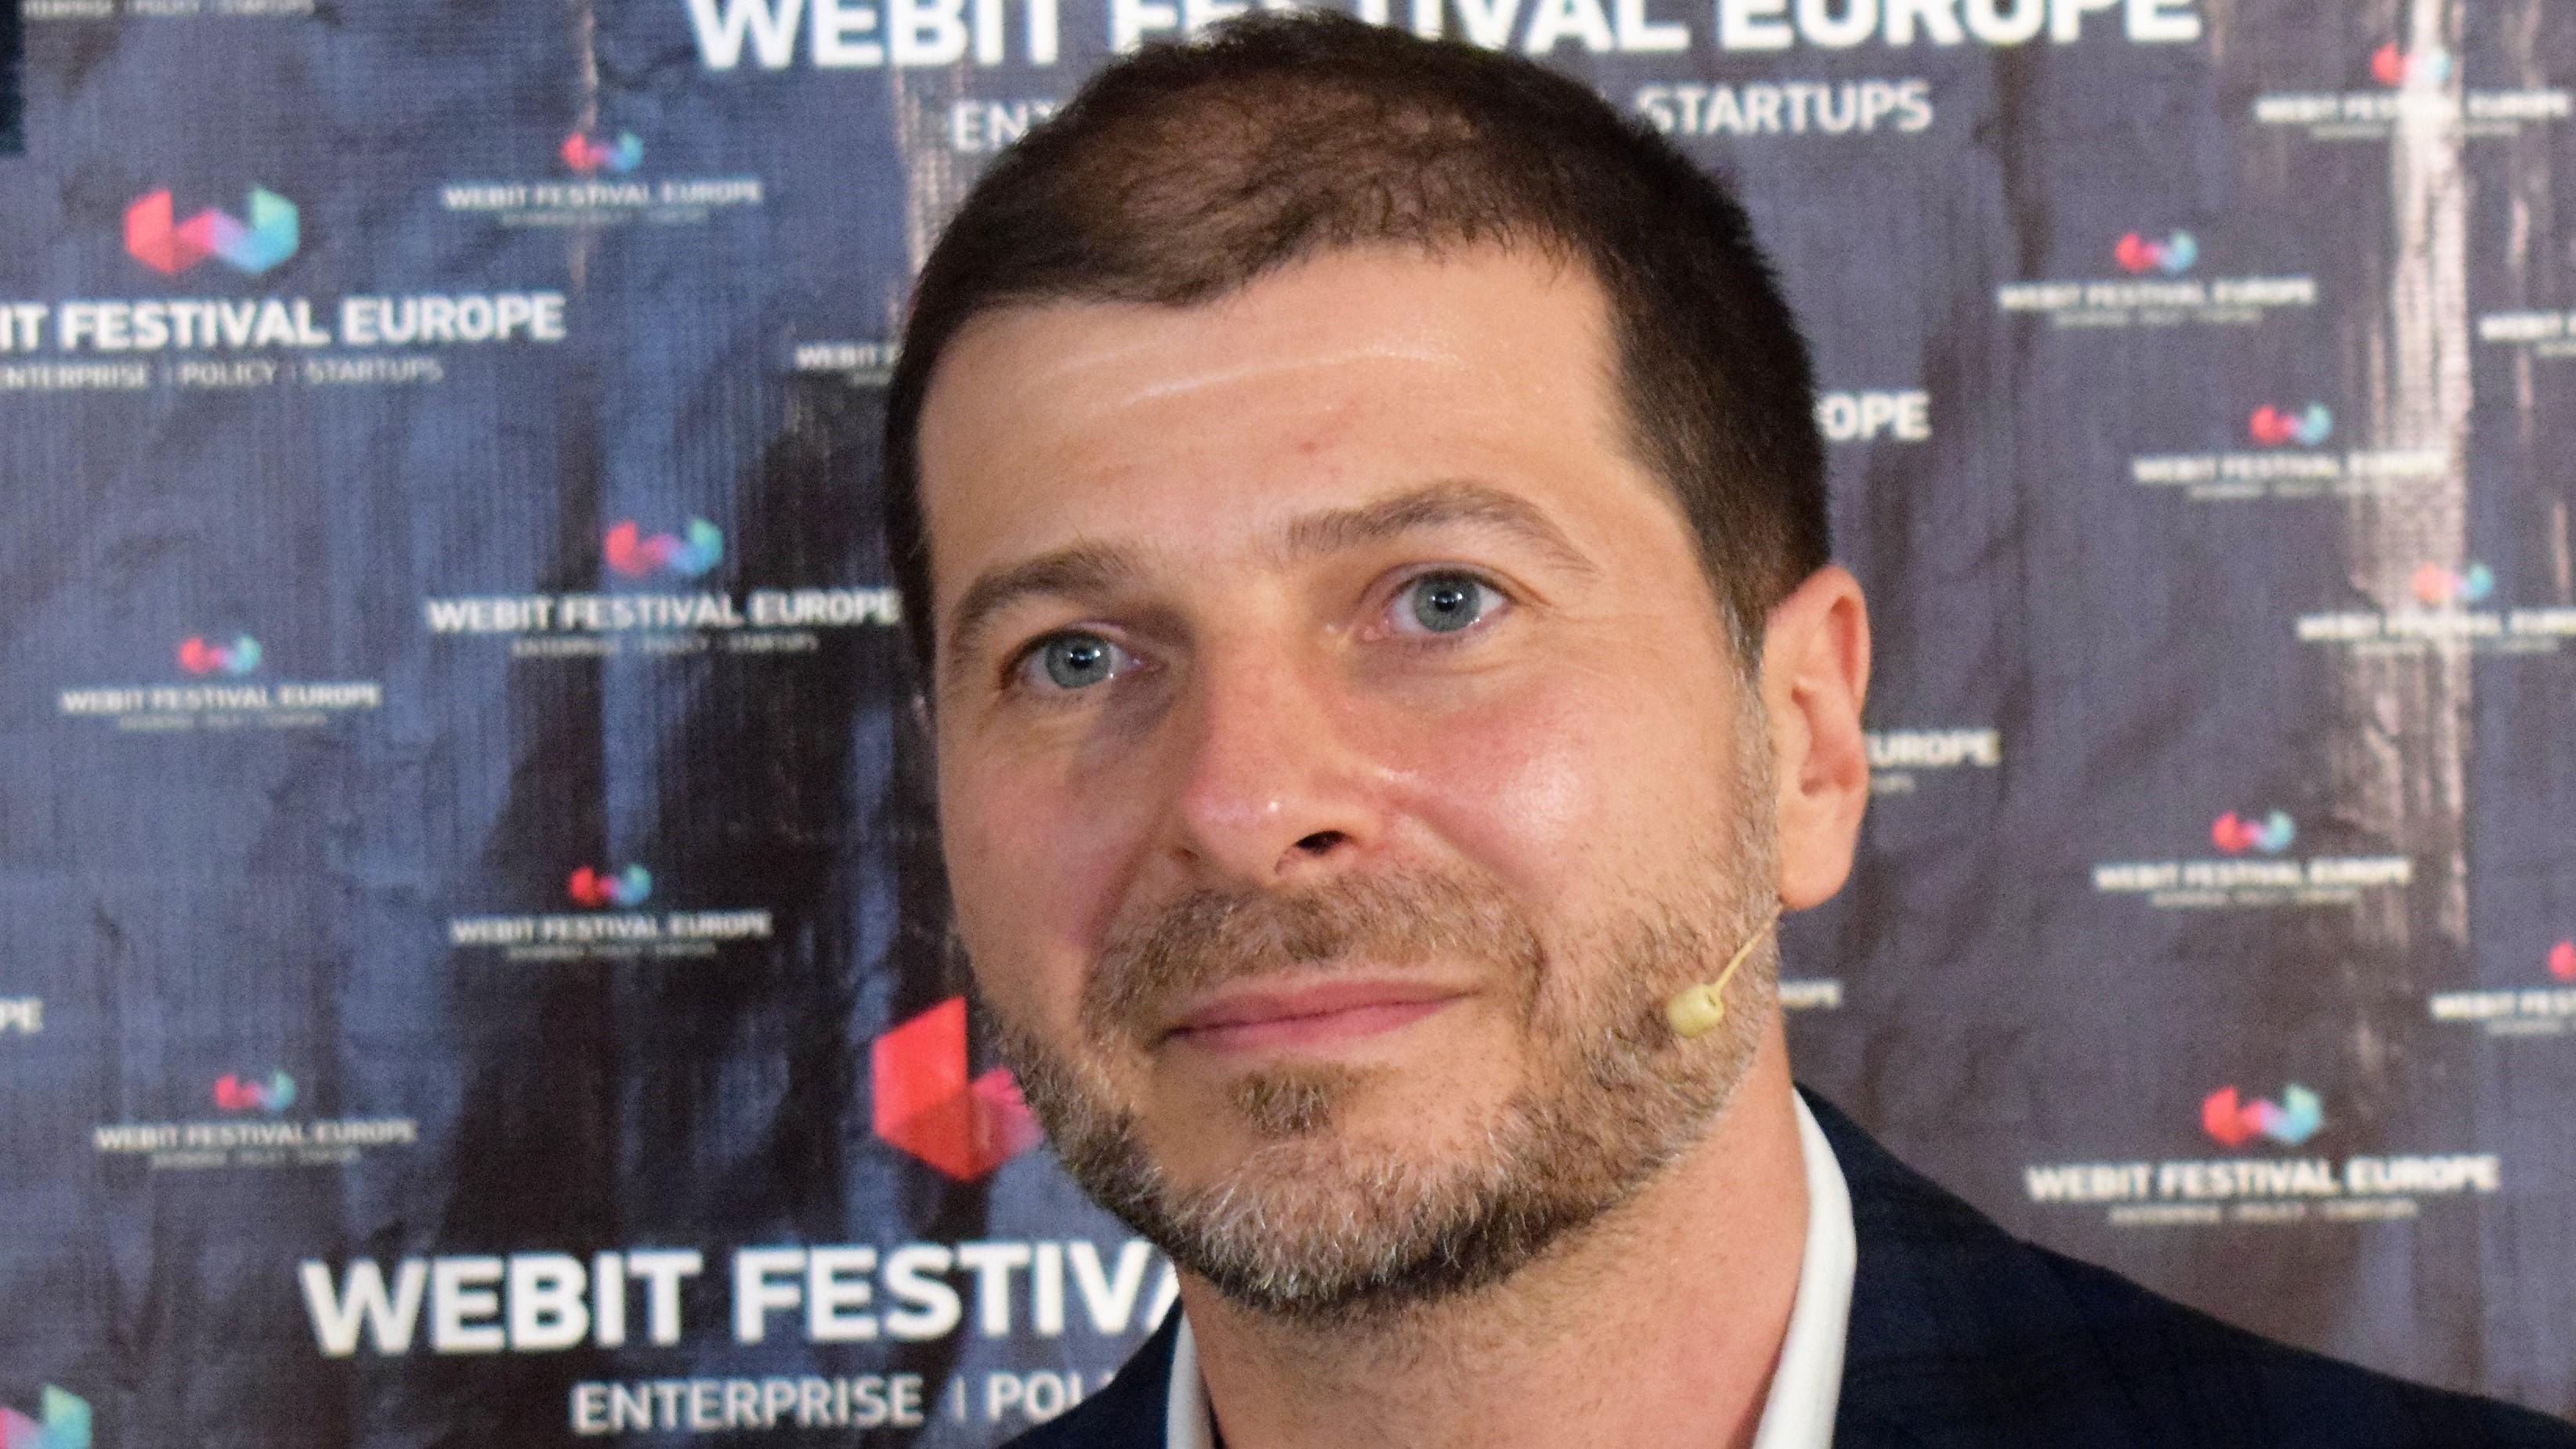 Основателят на Webit Пламен Русев към 3000 умни младежи: Лудите променят света! [видео]